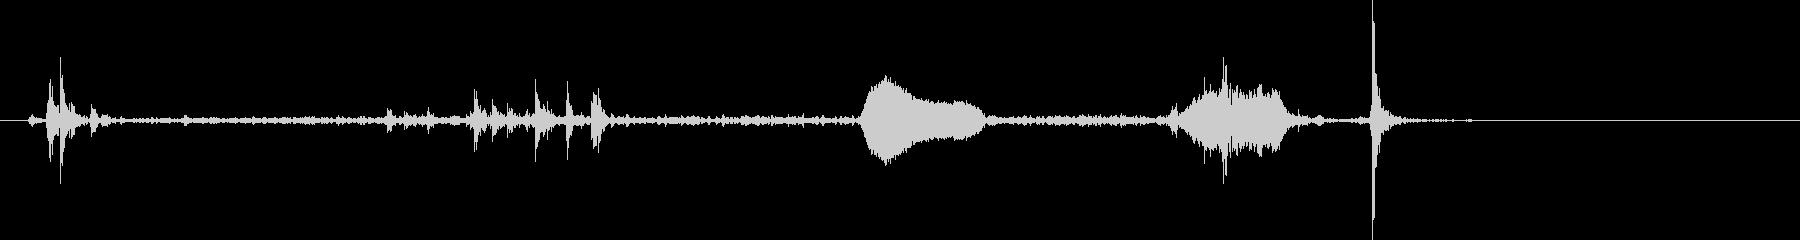 鳩時計1:ストライクワンオクロック...の未再生の波形